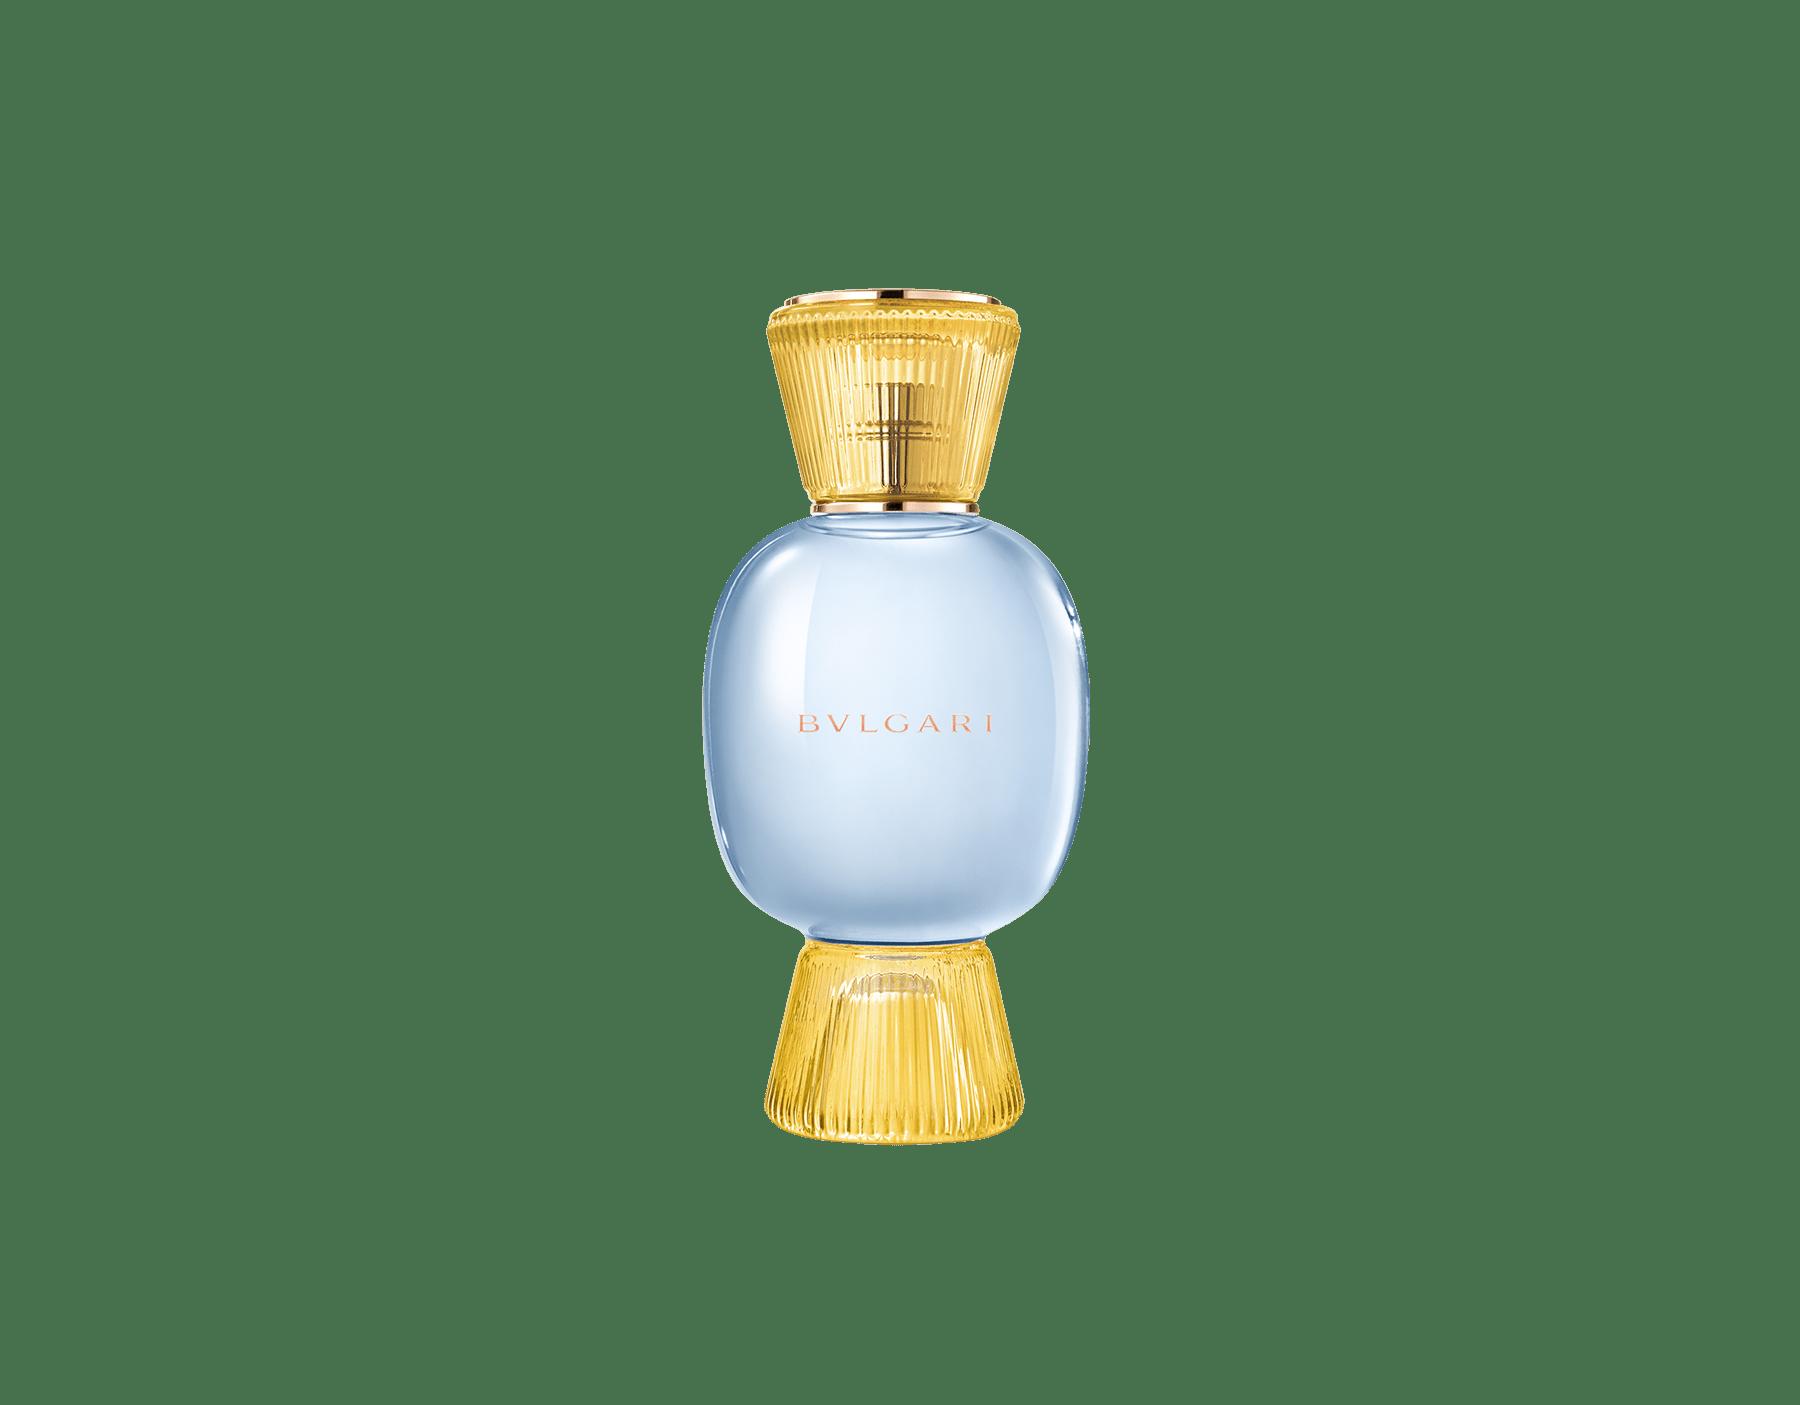 Эксклюзивный парфюмерный набор, вам под стать – такой же смелый и уникальный. В сочетании искрящихся цитрусовых нот парфюмерной воды Riva Solare Allegra и соблазнительного благоухания эссенции Magnifying Vanilla рождается неотразимый женский аромат с индивидуальным характером.  Perfume-Set-Riva-Solare-Eau-de-Parfum-and-Vanilla-Magnifying image 2